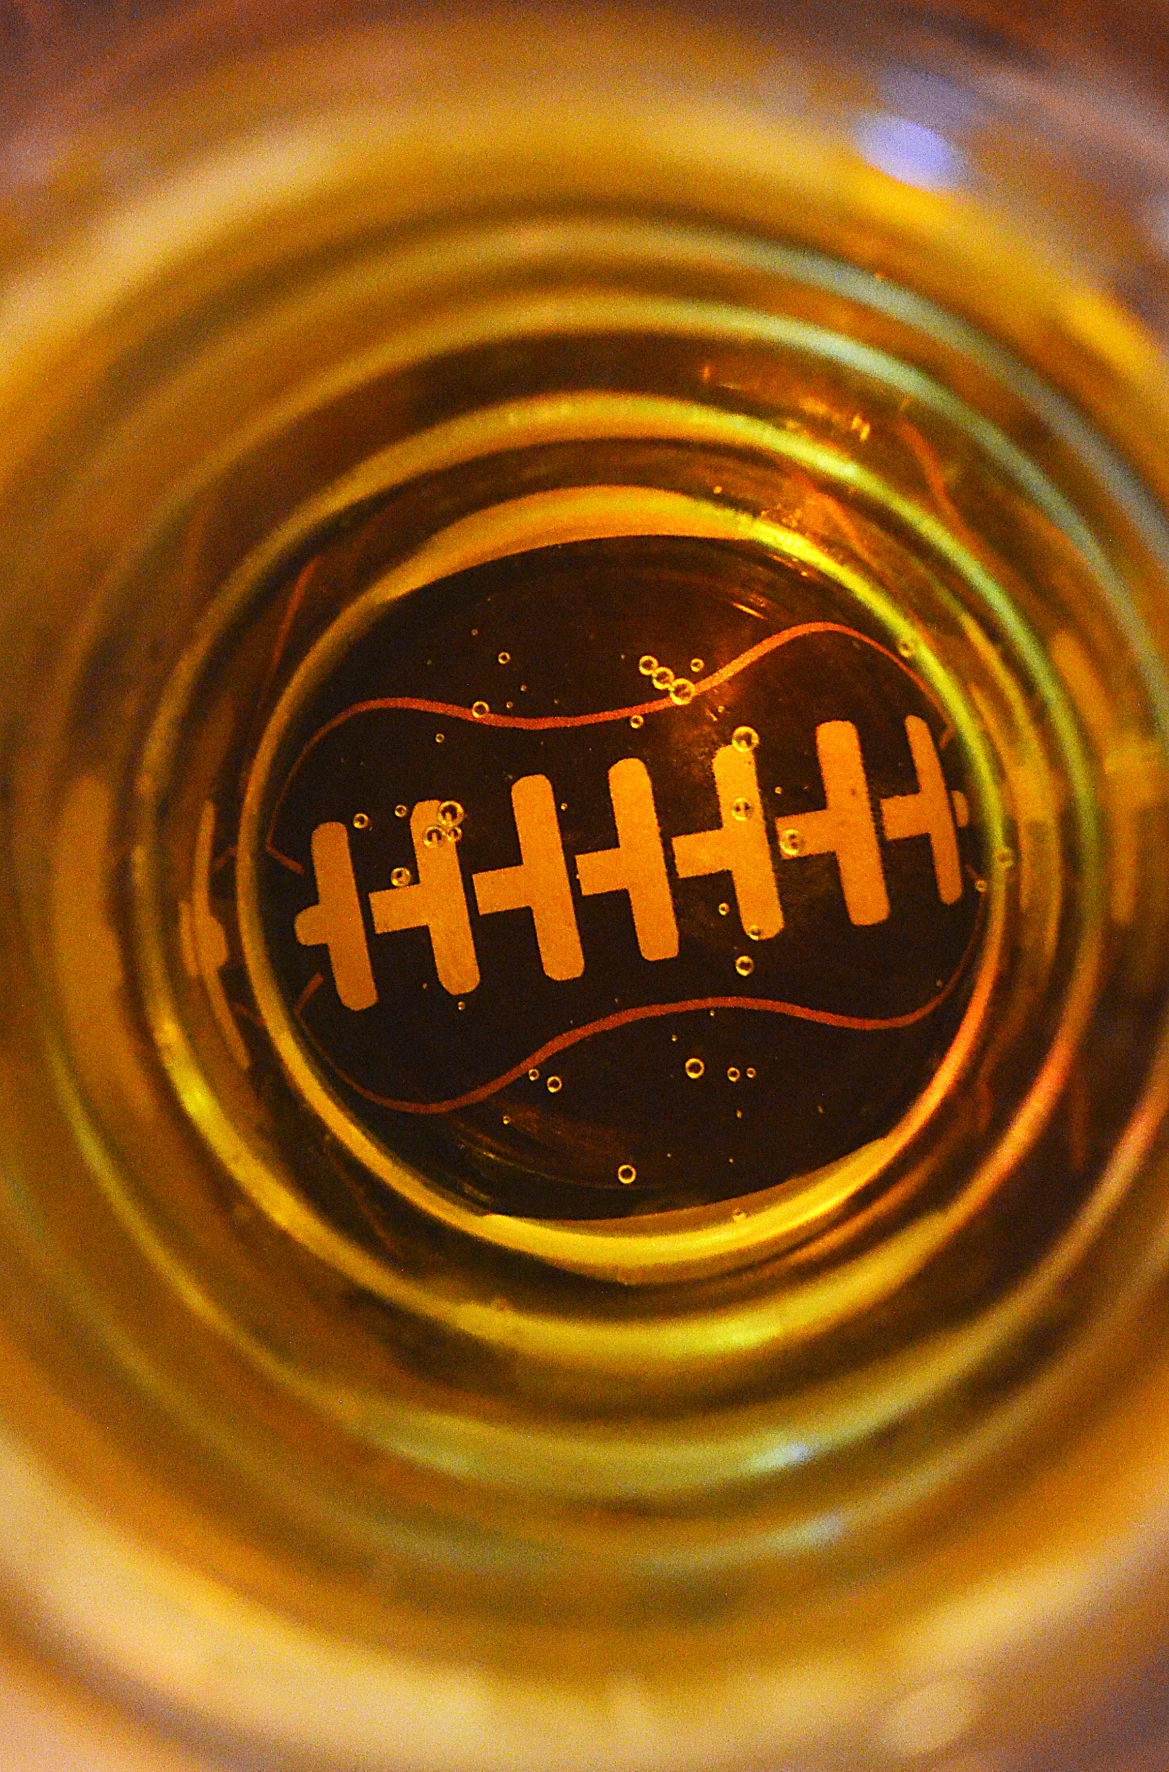 Weekender -- Sports Bar Feature